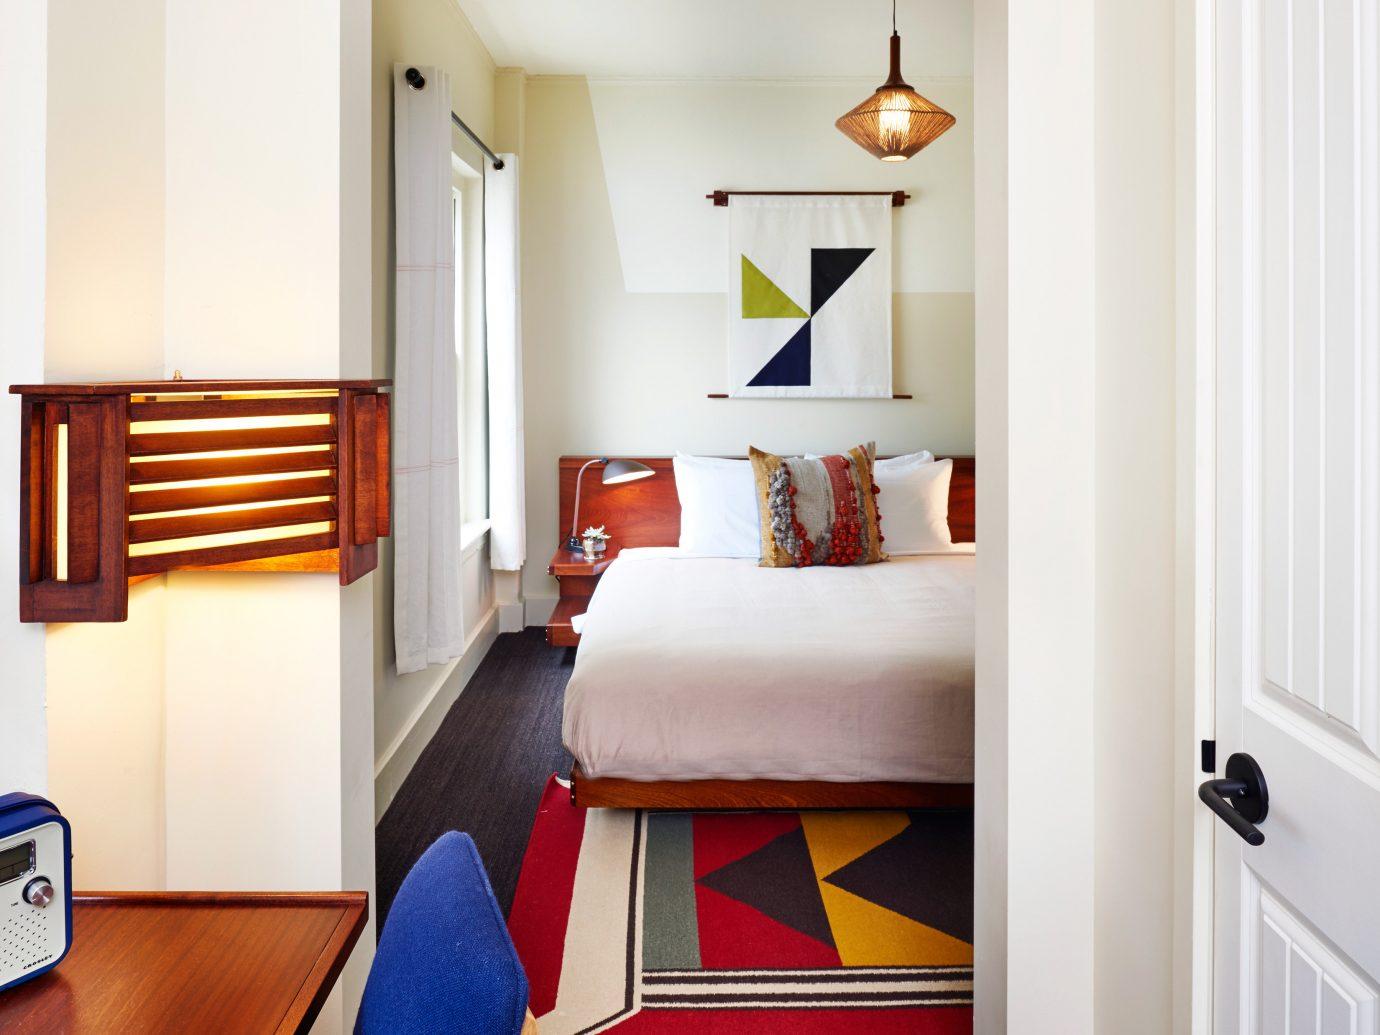 Bedroom Budget Hotels Lounge Suite wall indoor floor room Living property home hardwood interior design living room cottage flooring Design furniture real estate estate apartment area wood